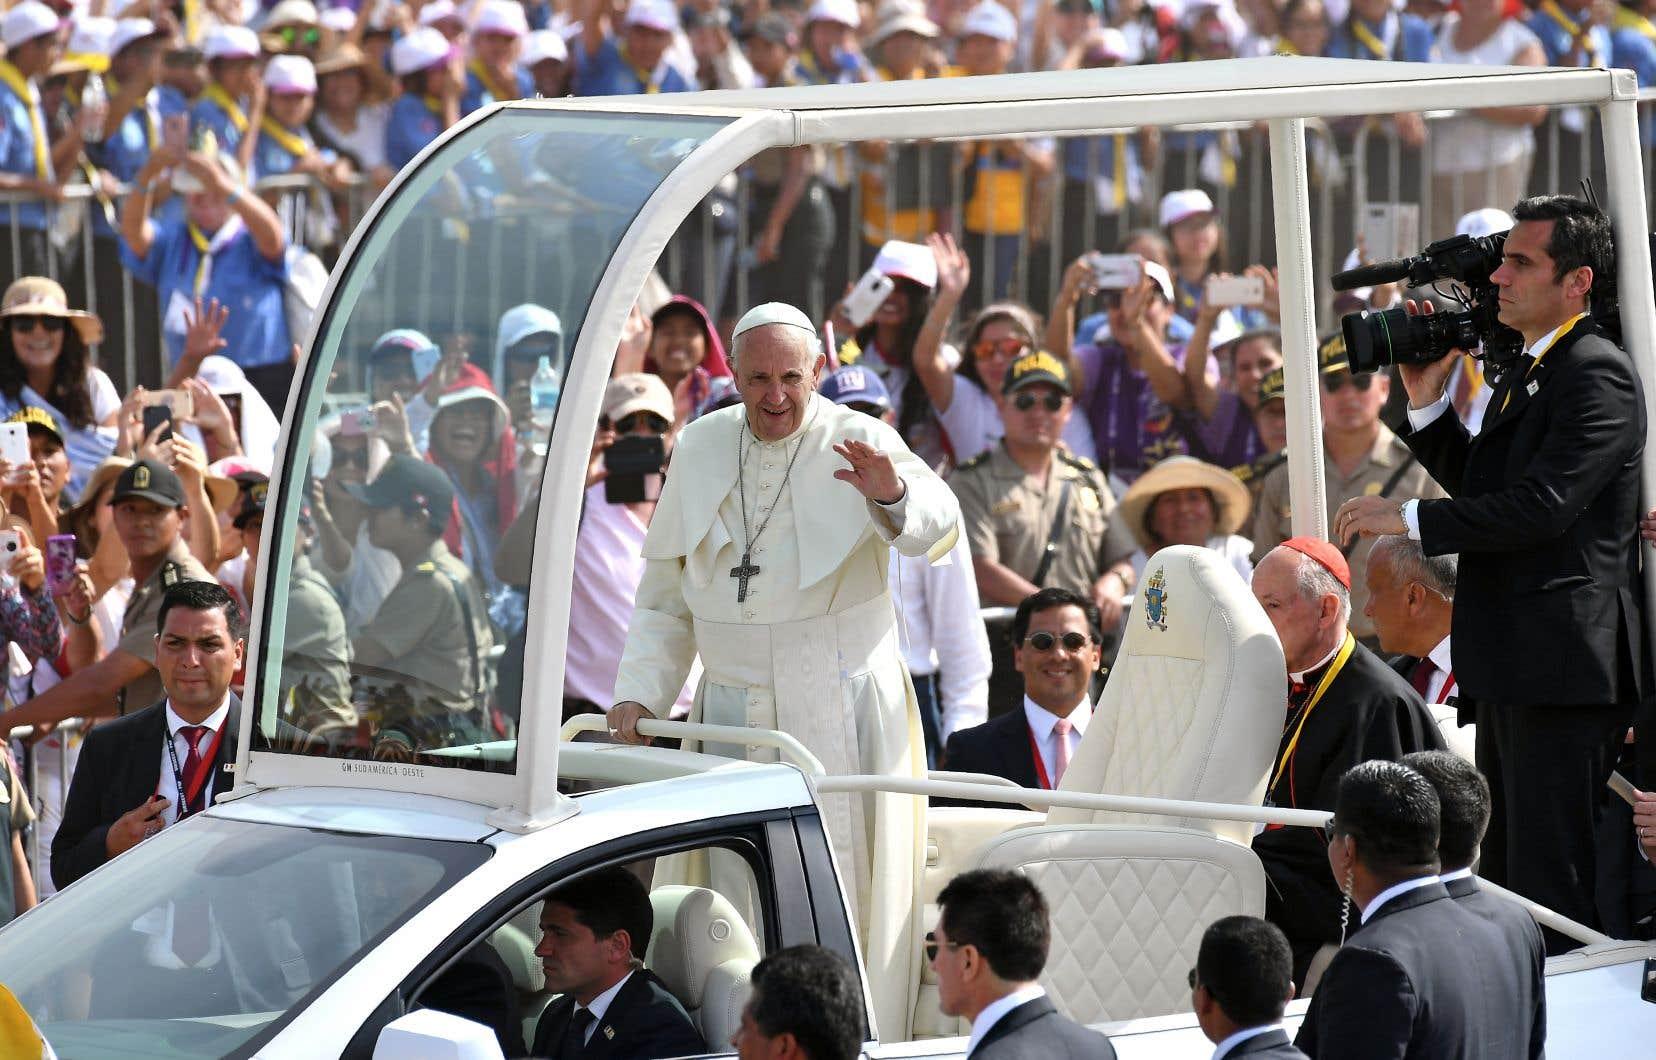 Le souverain pontife salue la foule qui se presse pour le voir parcourir les rues de Lima, au Pérou, dans sa papamobile, dimanche.